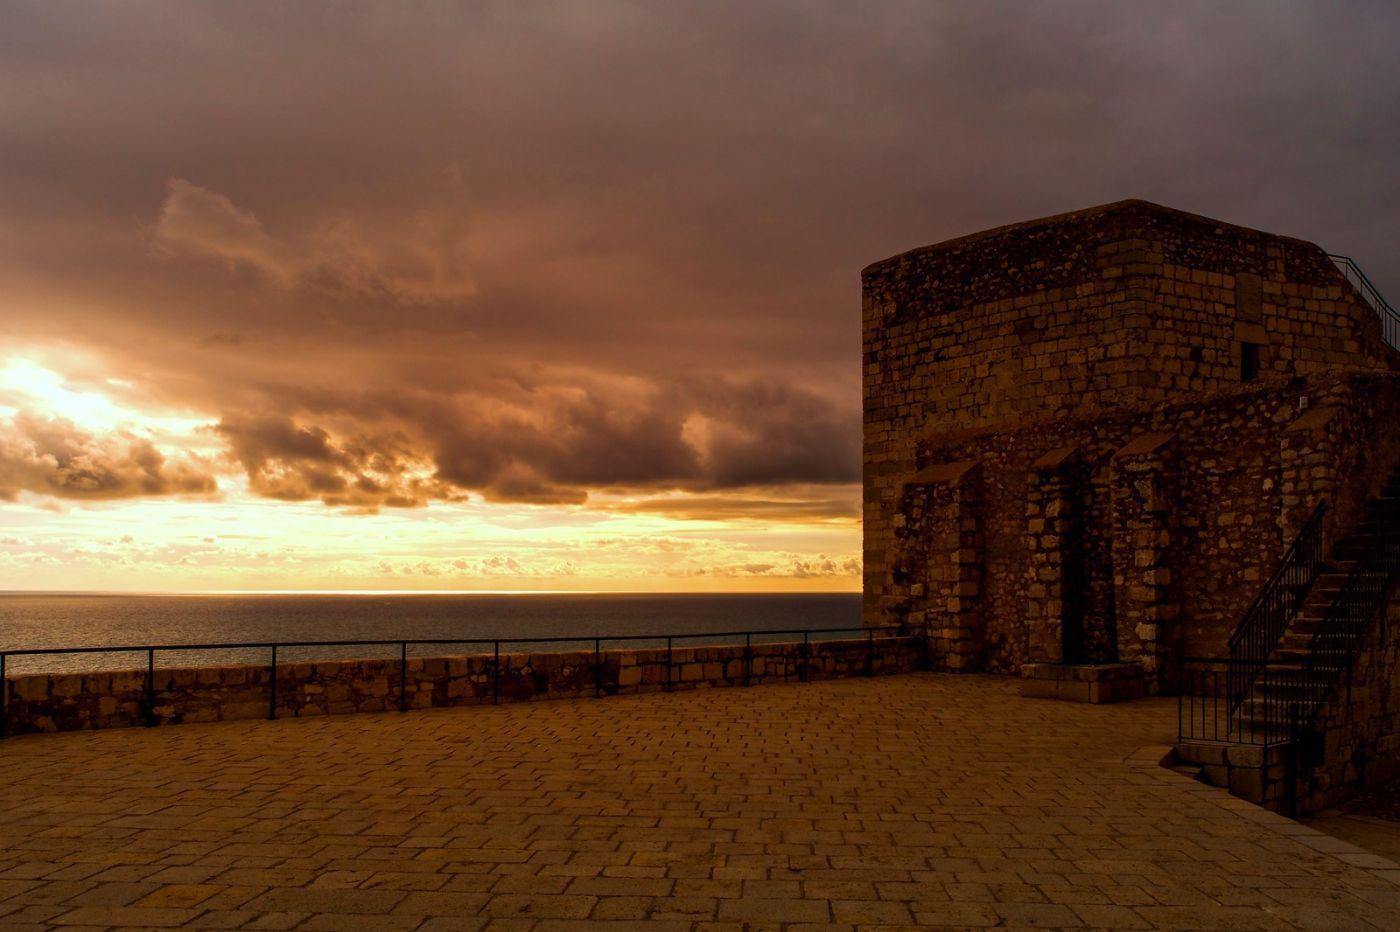 西班牙佩尼伊斯科拉(Peniscola),海边的景色令人神往_图1-6